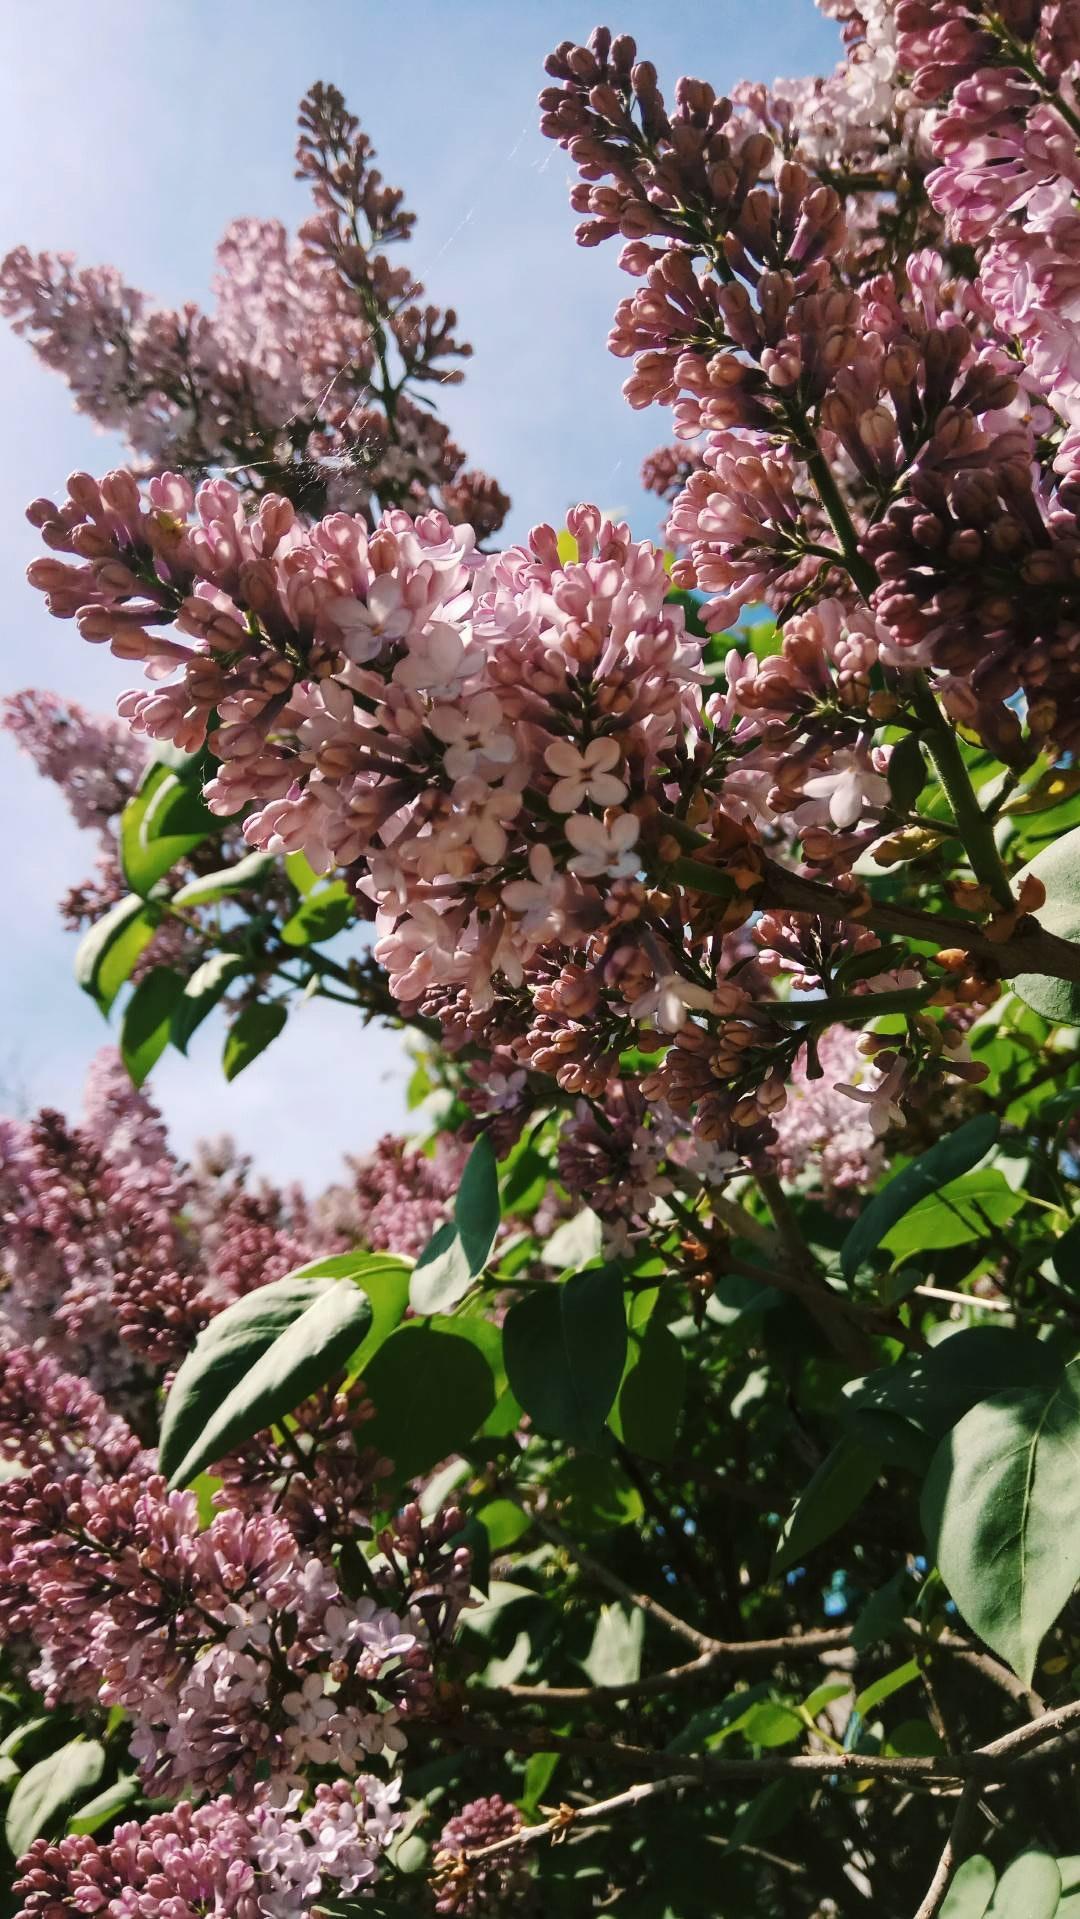 Cây hoa dưới nắng cây tử đinh hương